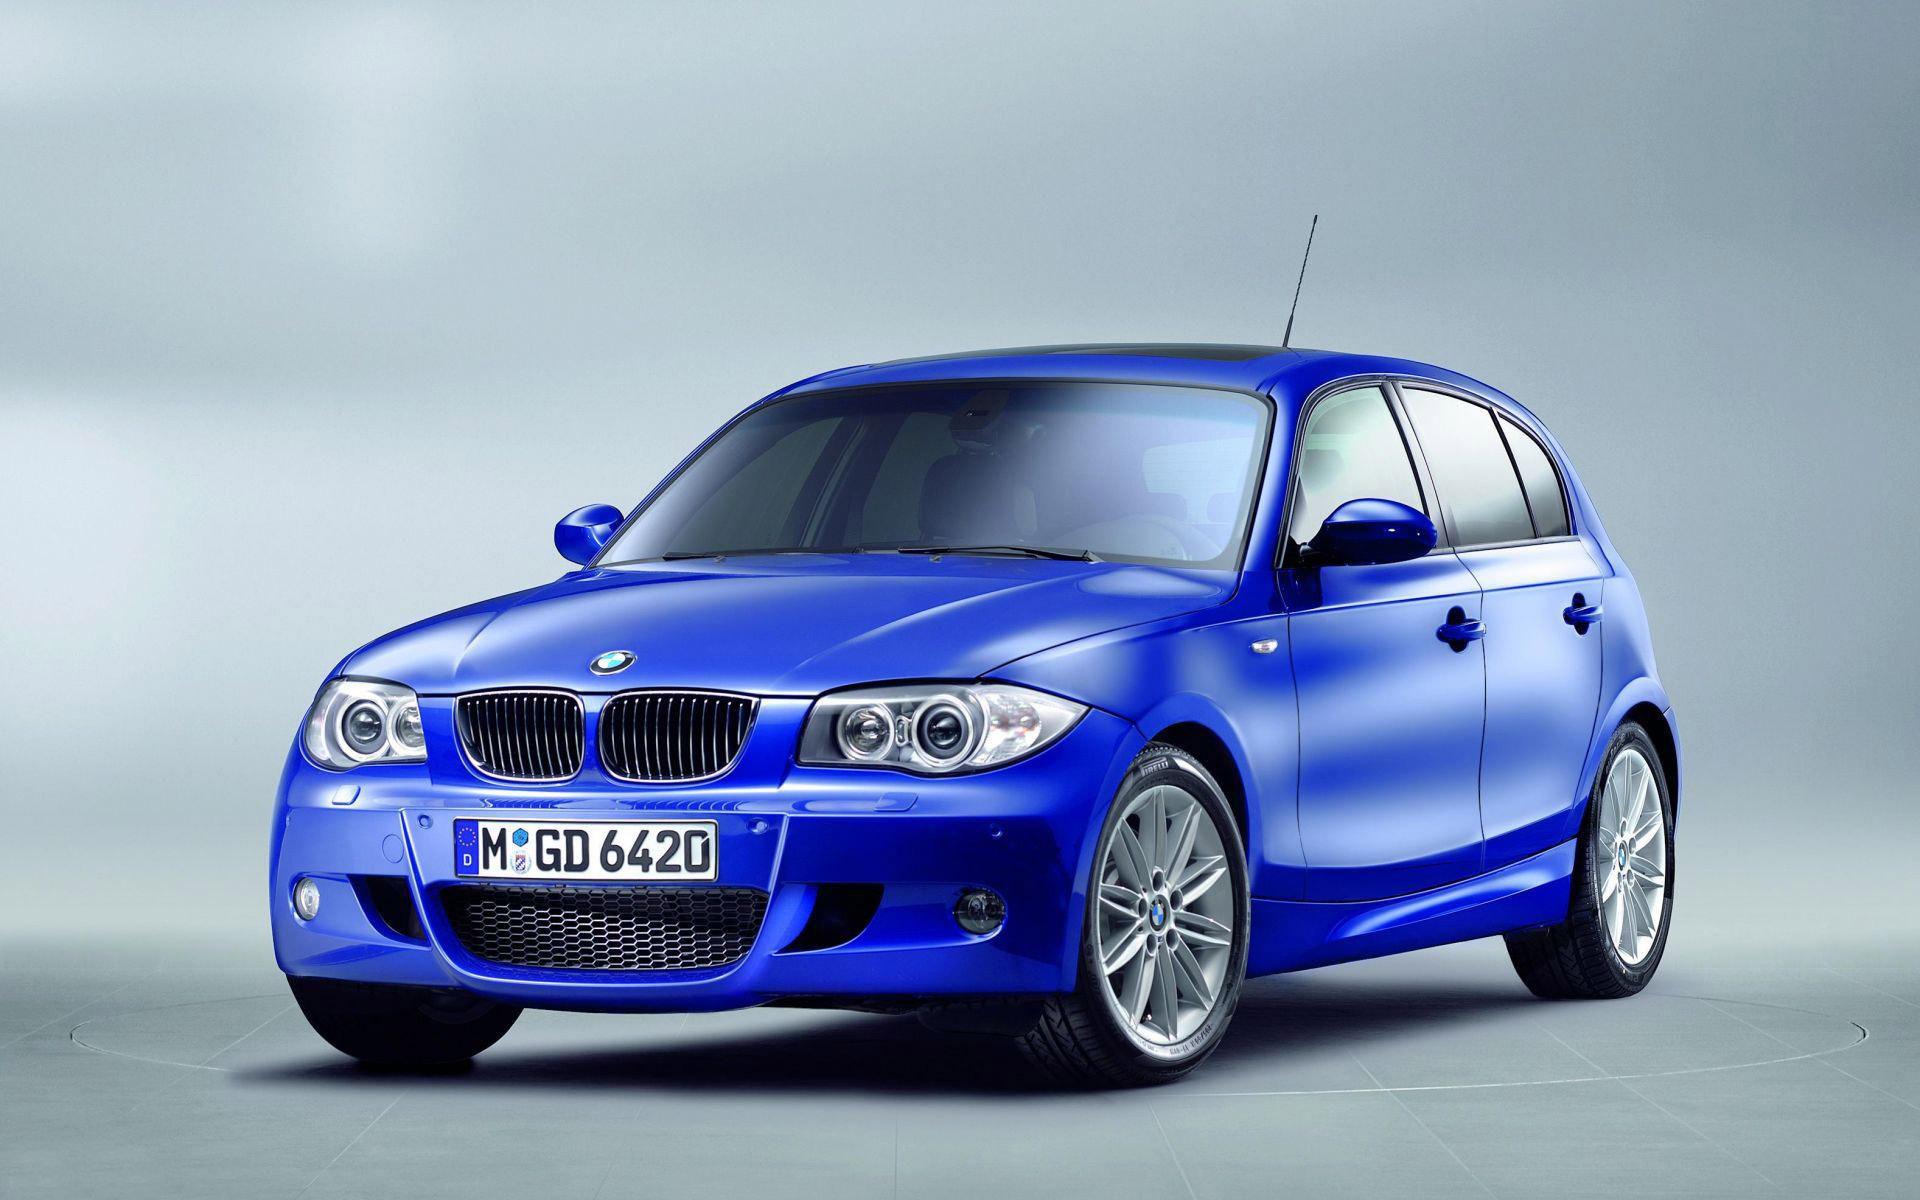 1-я серия, 5 дверей, BMW E87 фотографии в М пакете, синяя